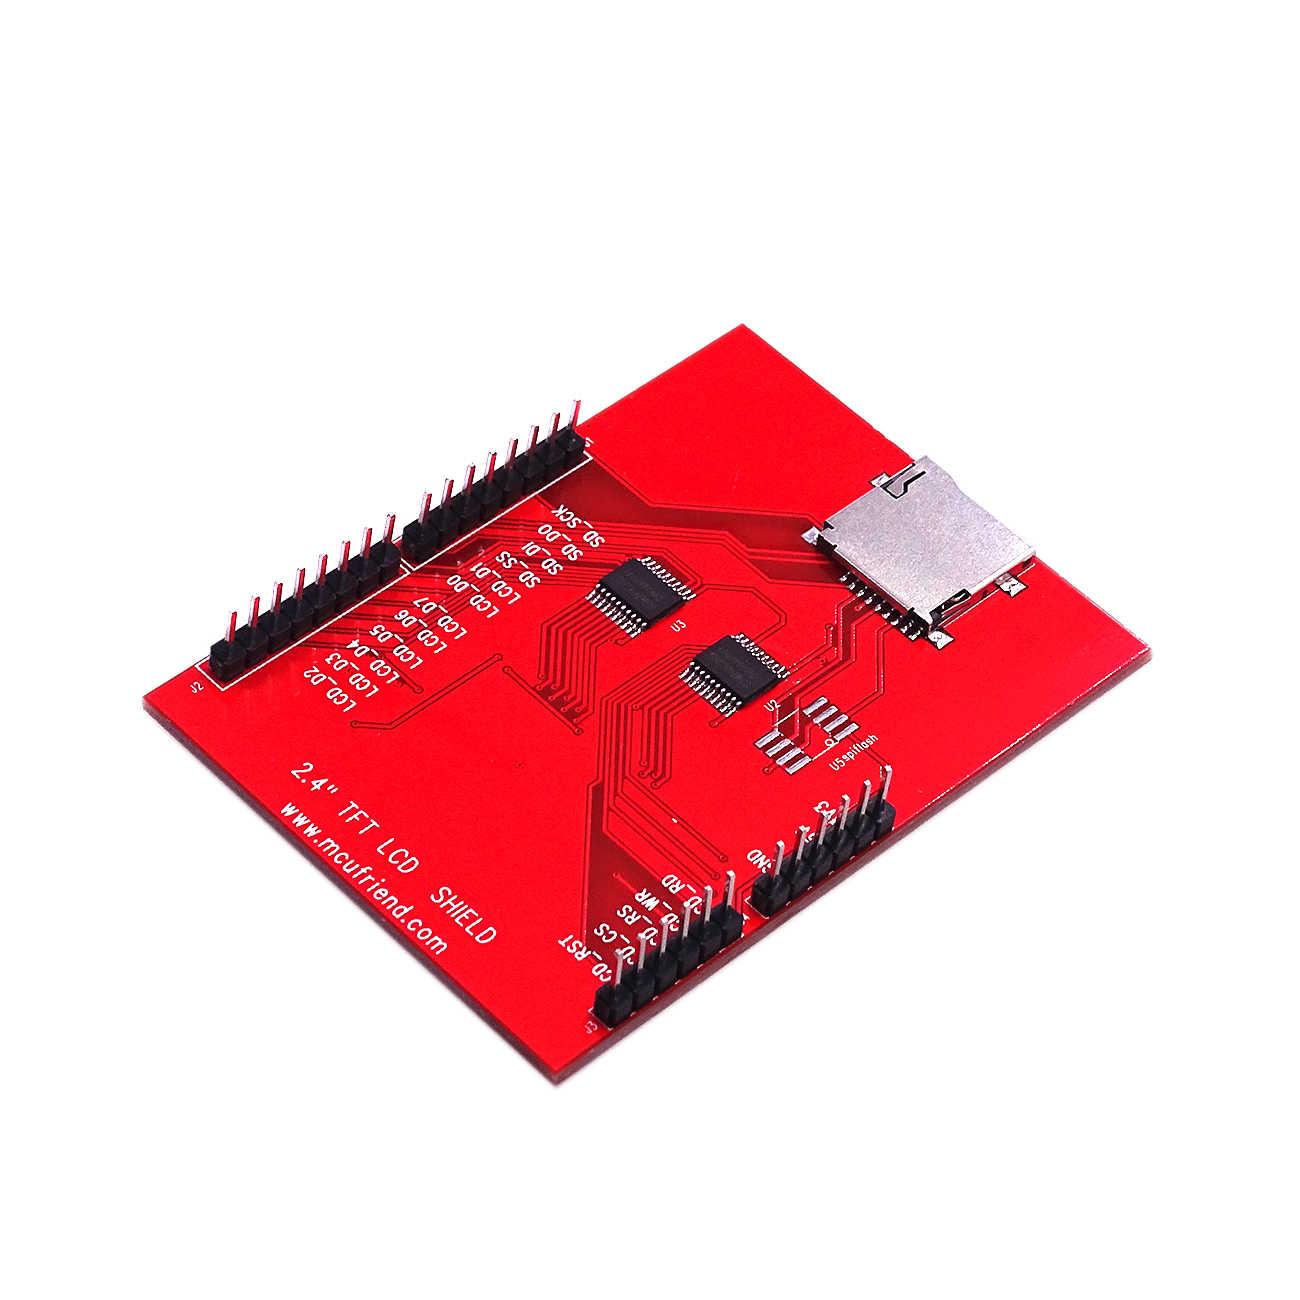 Nouveau TFT 2.4 pouces TFT LCD écran pour carte Arduino UNO R3 et support mega 2560 avec stylo tactile gif